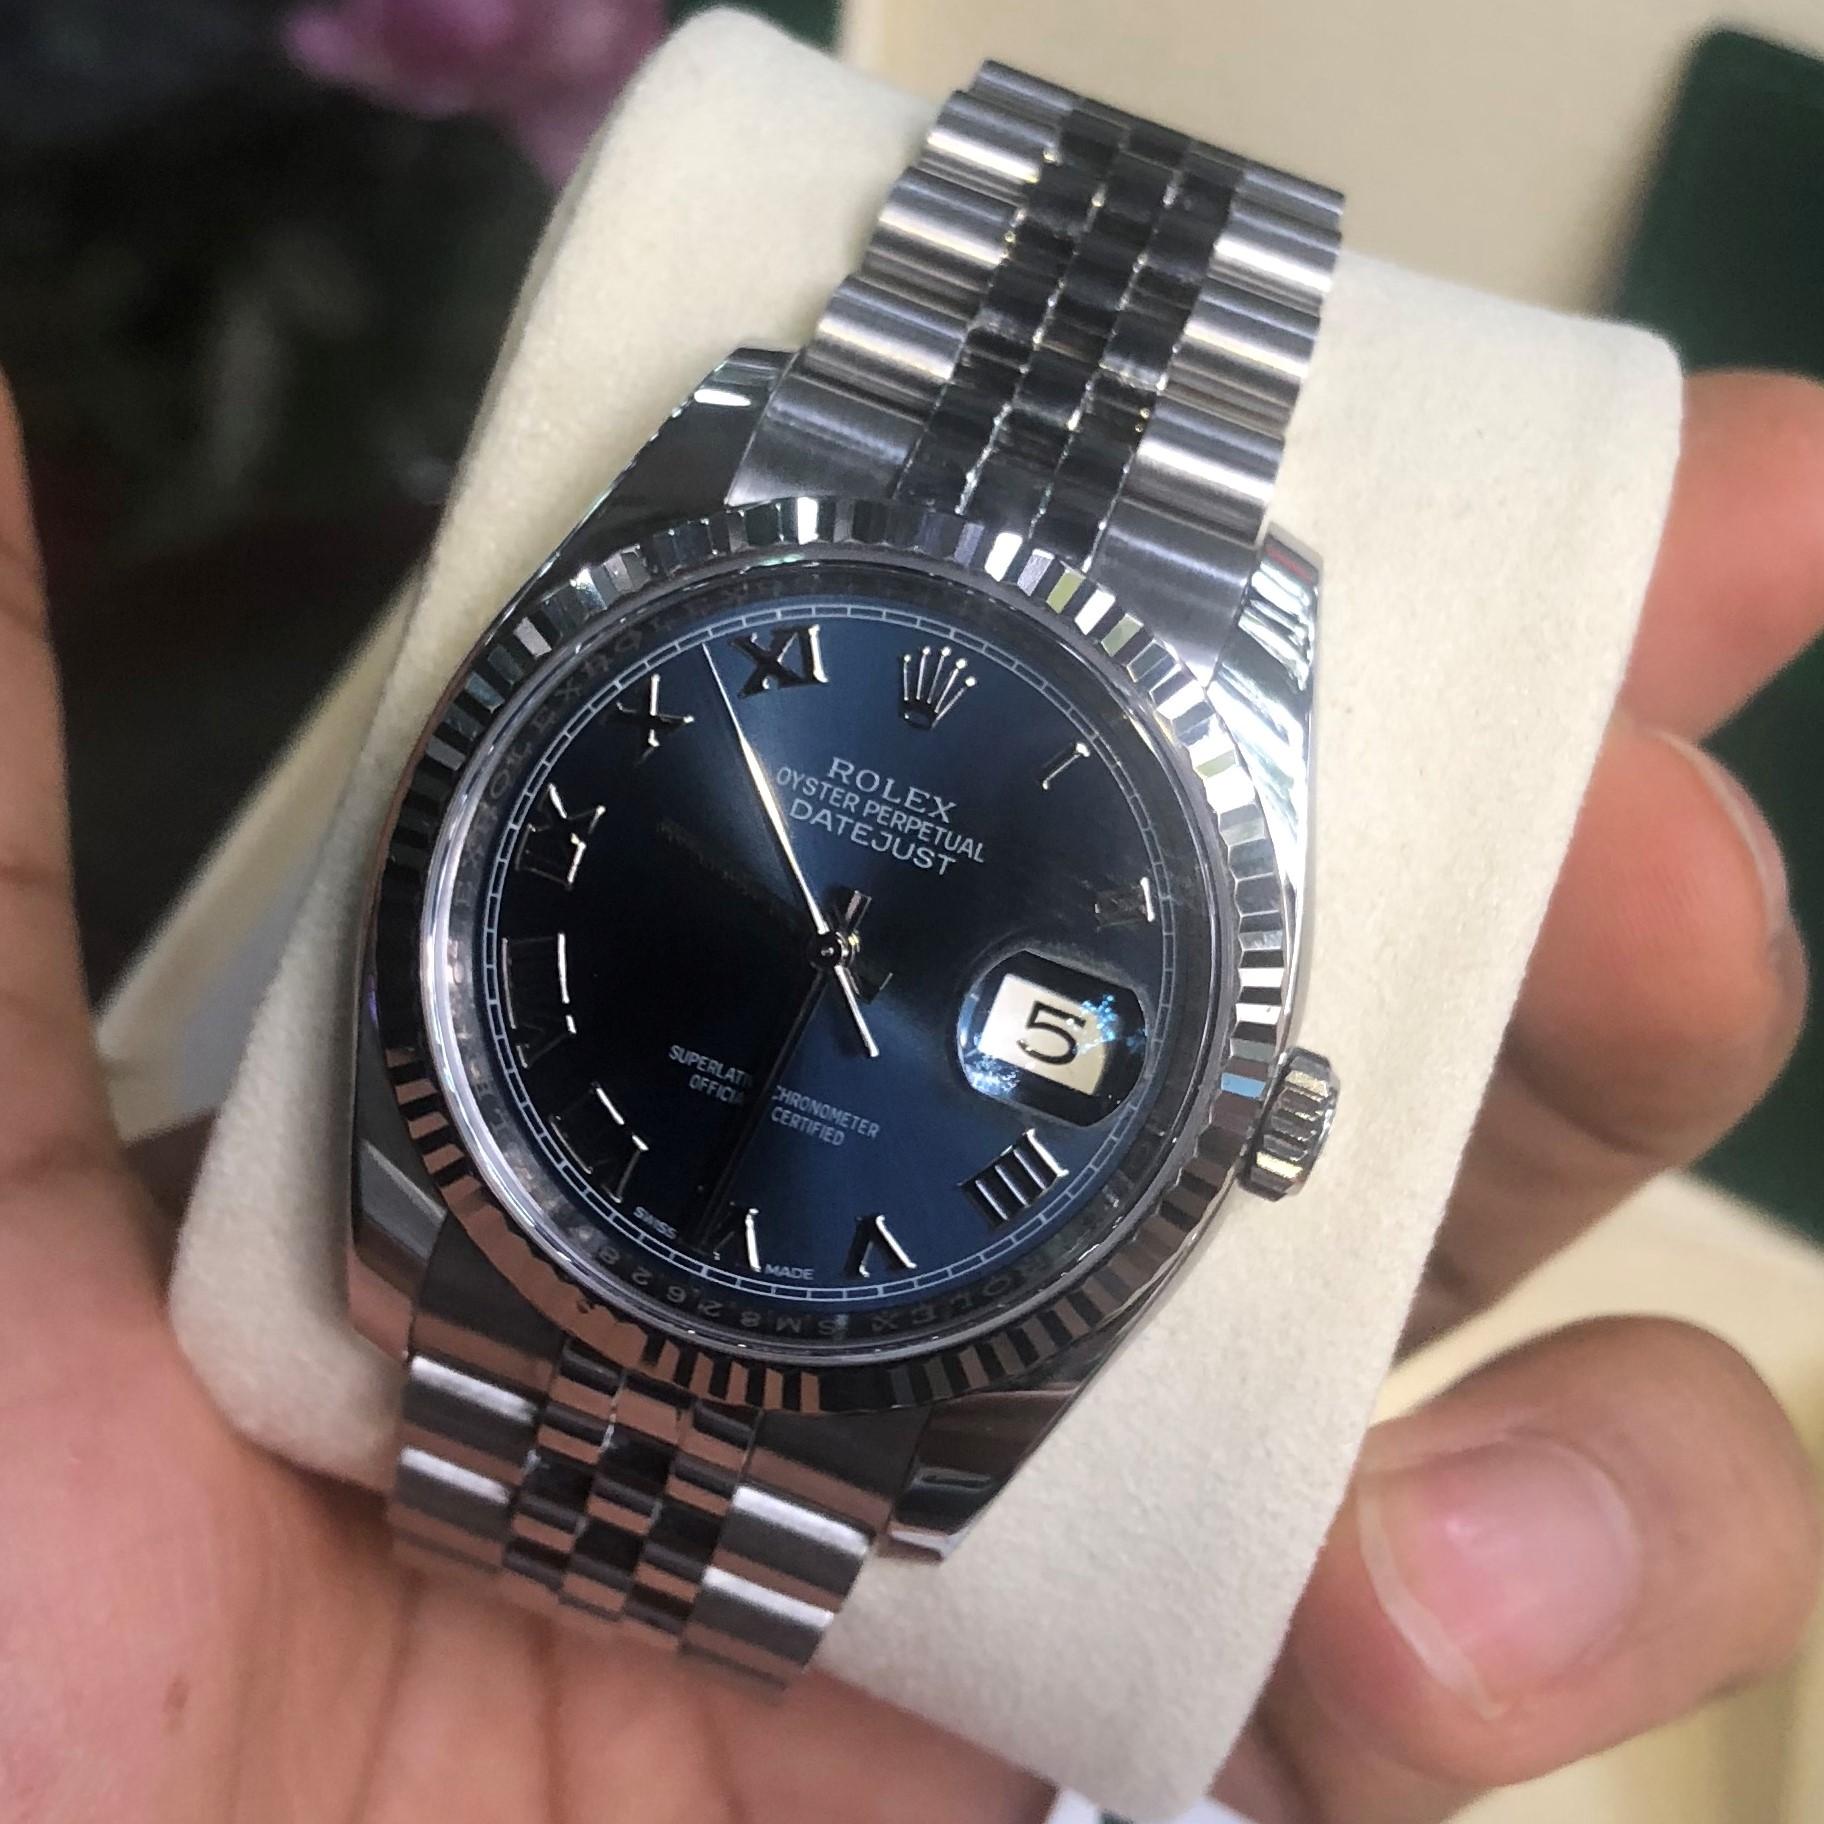 Rolex 116234 mặt xanh NaVy Bezel vàng trắng 18k Size 36 Fullbox 2018